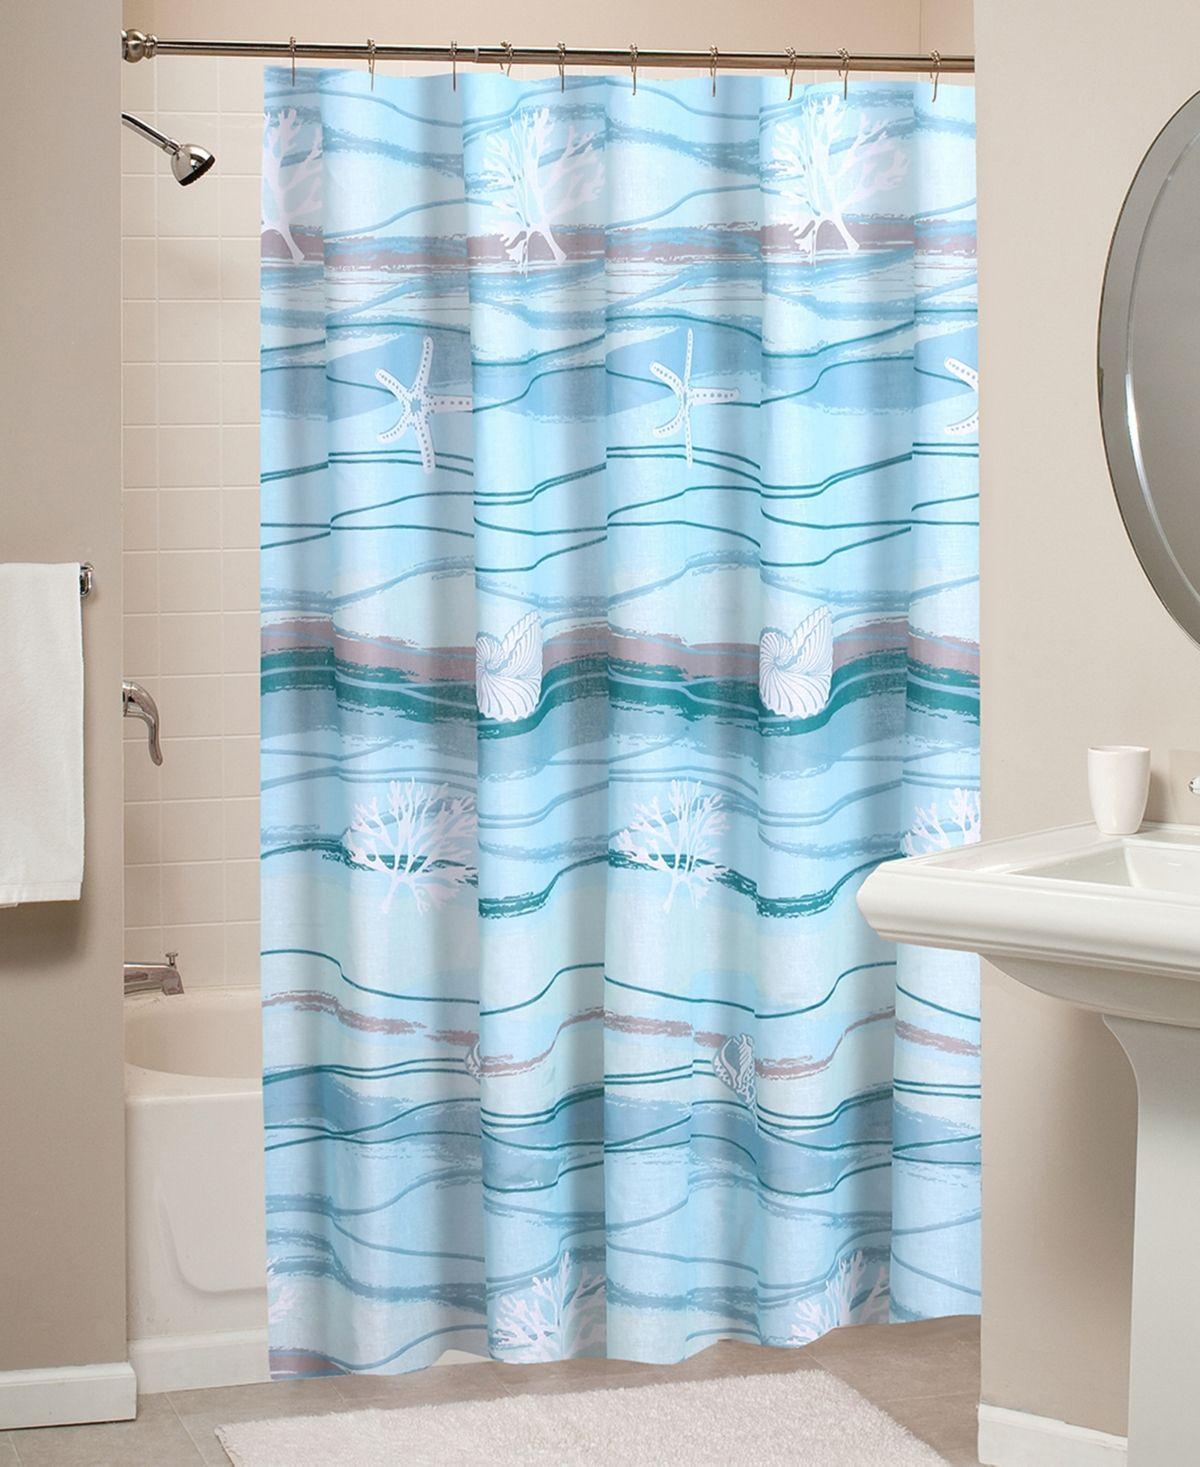 Greenland Home Fashions Maui Bath Shower Curtain Reviews